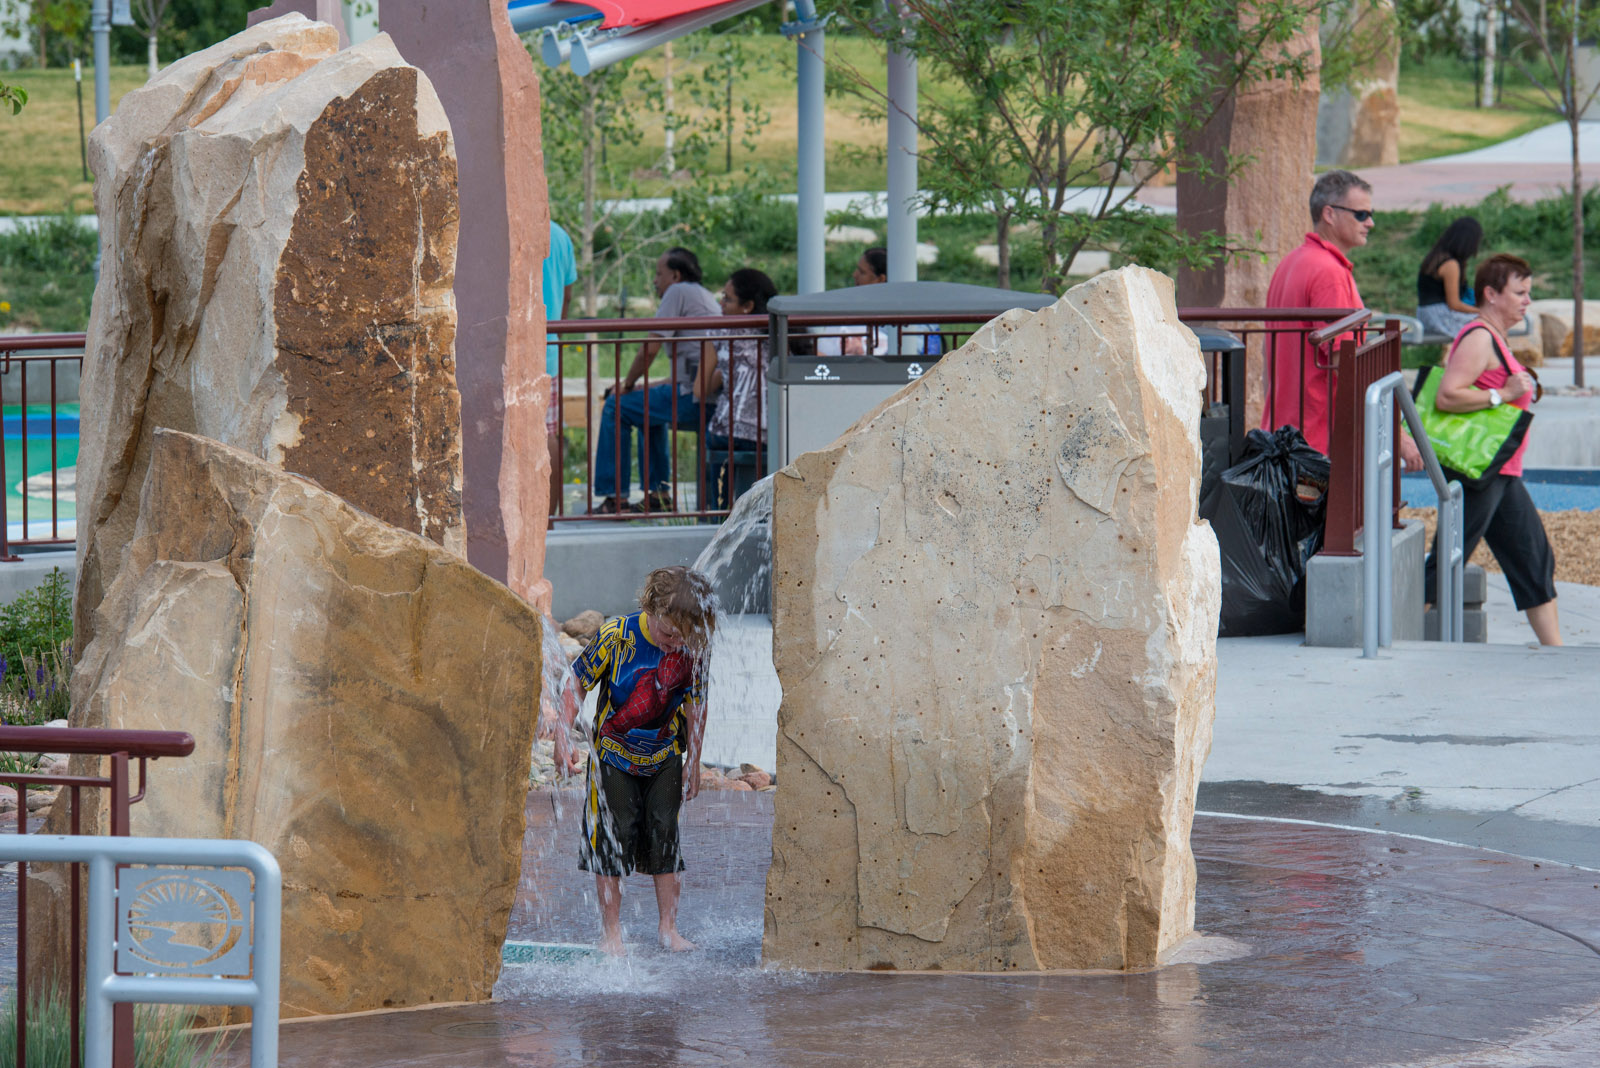 Colorado playground water splash pad